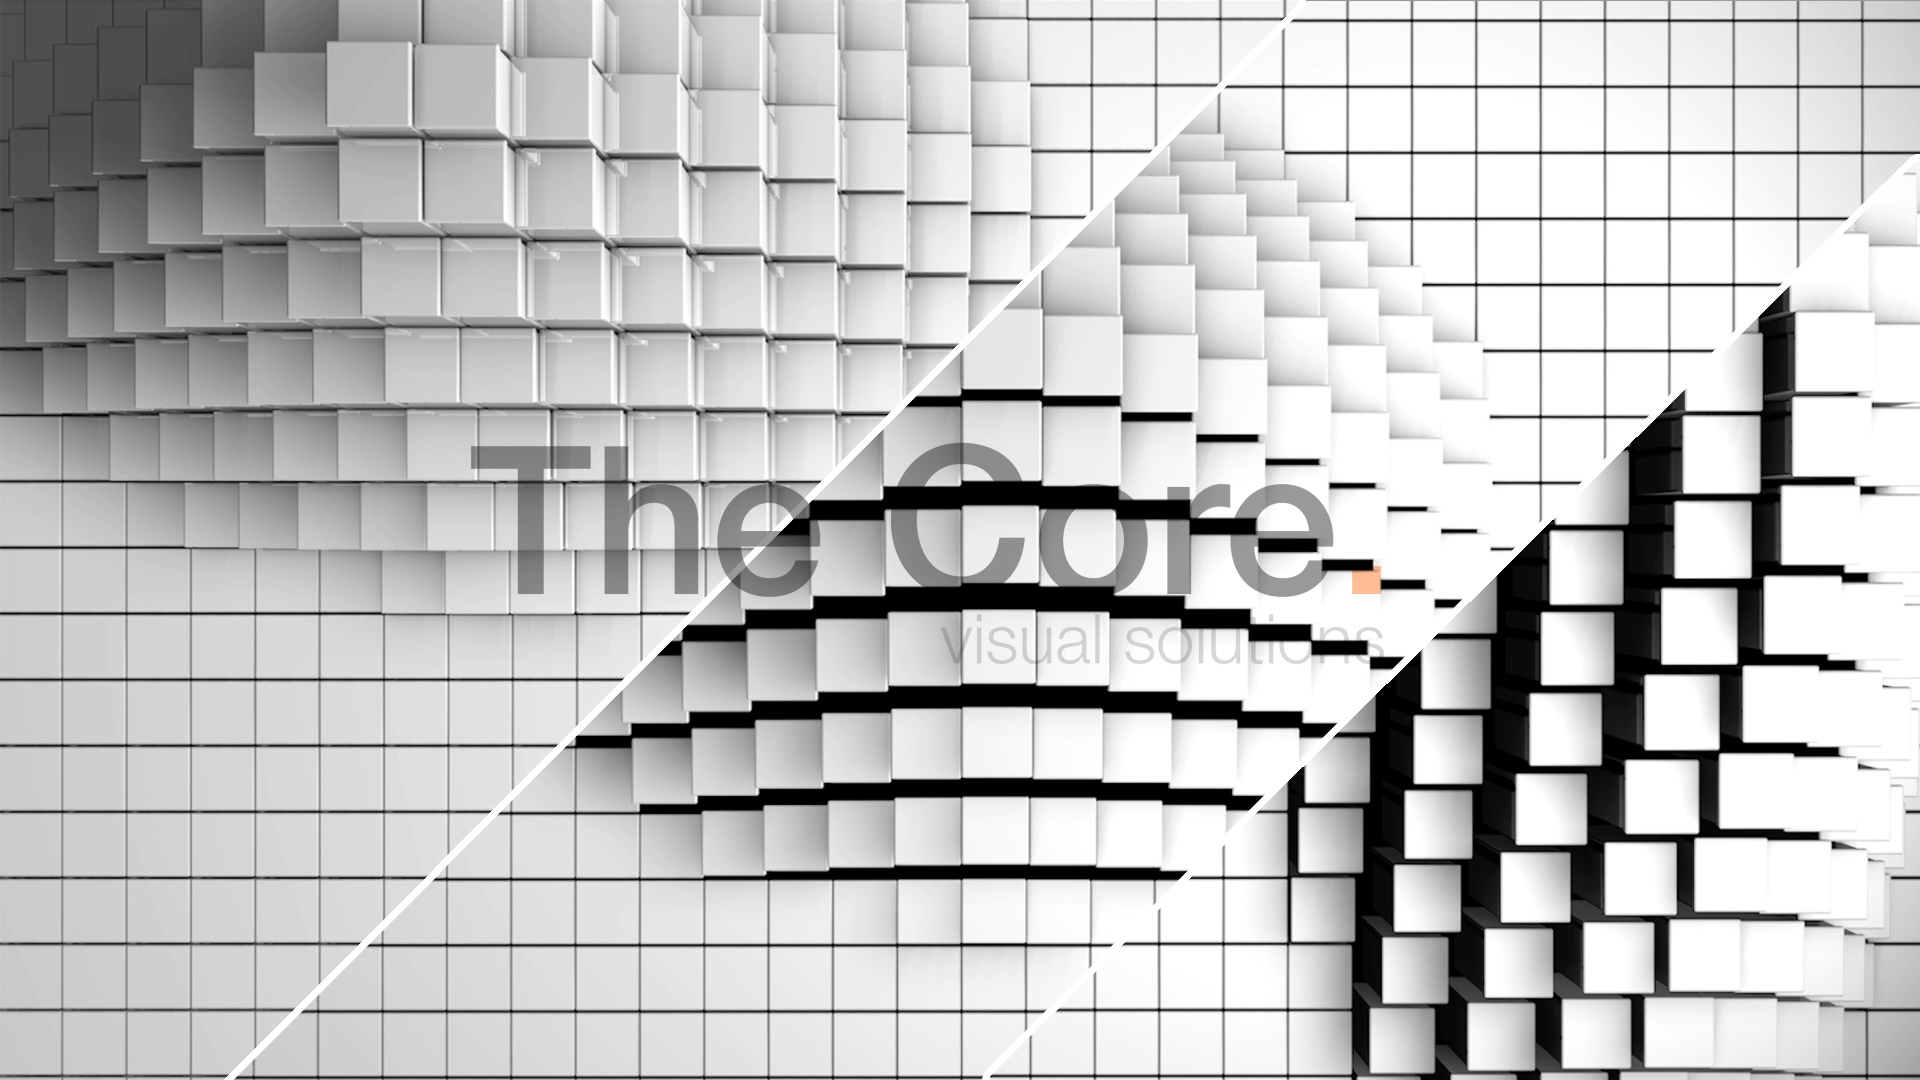 00301-KUBUS-BUNDLE-STILL-by-The-Core